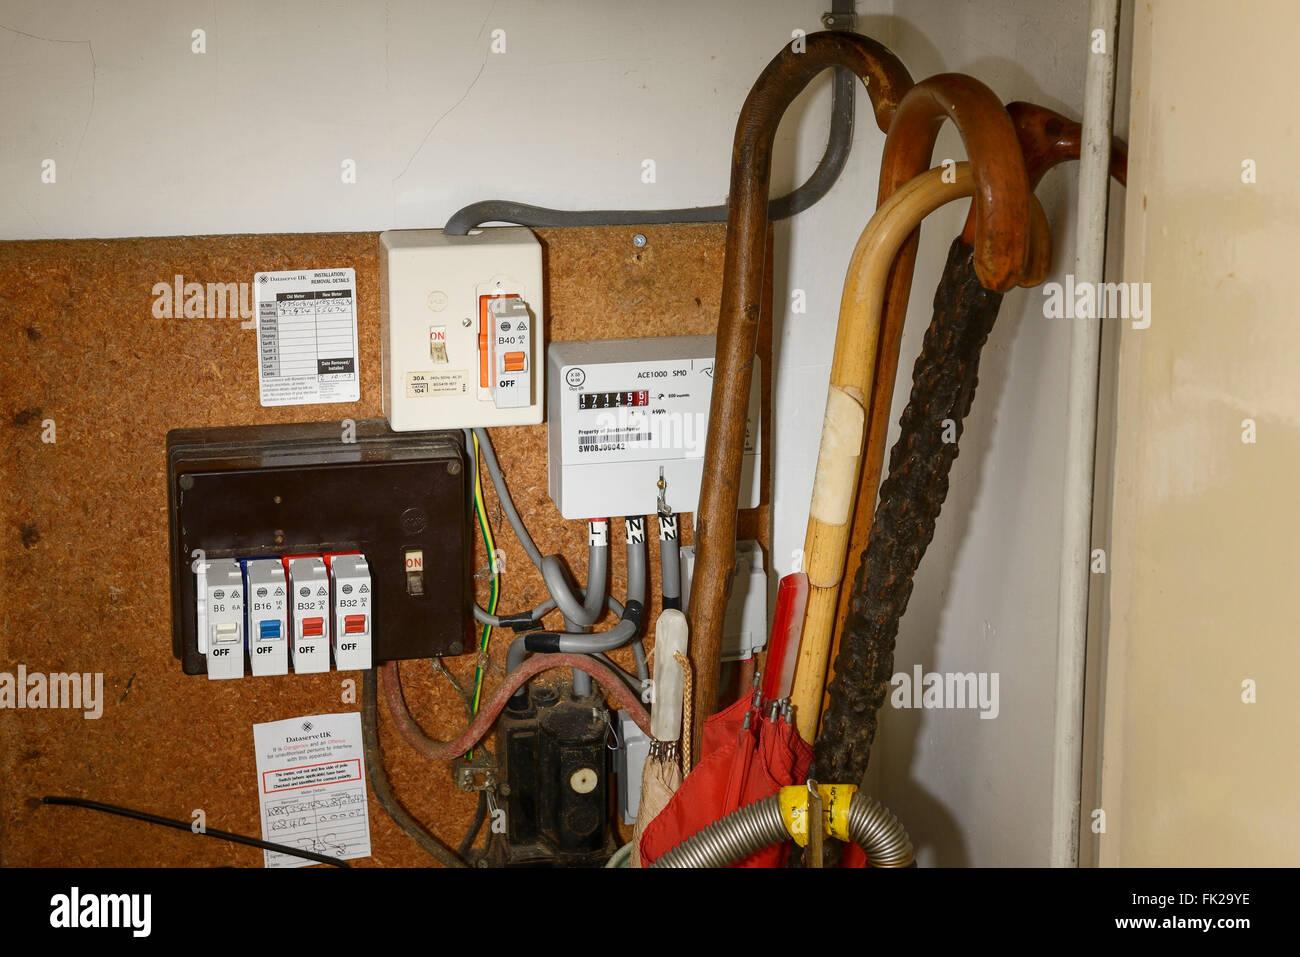 Un vecchio tipo di contatore elettrico con fusibili in un armadio Immagini Stock